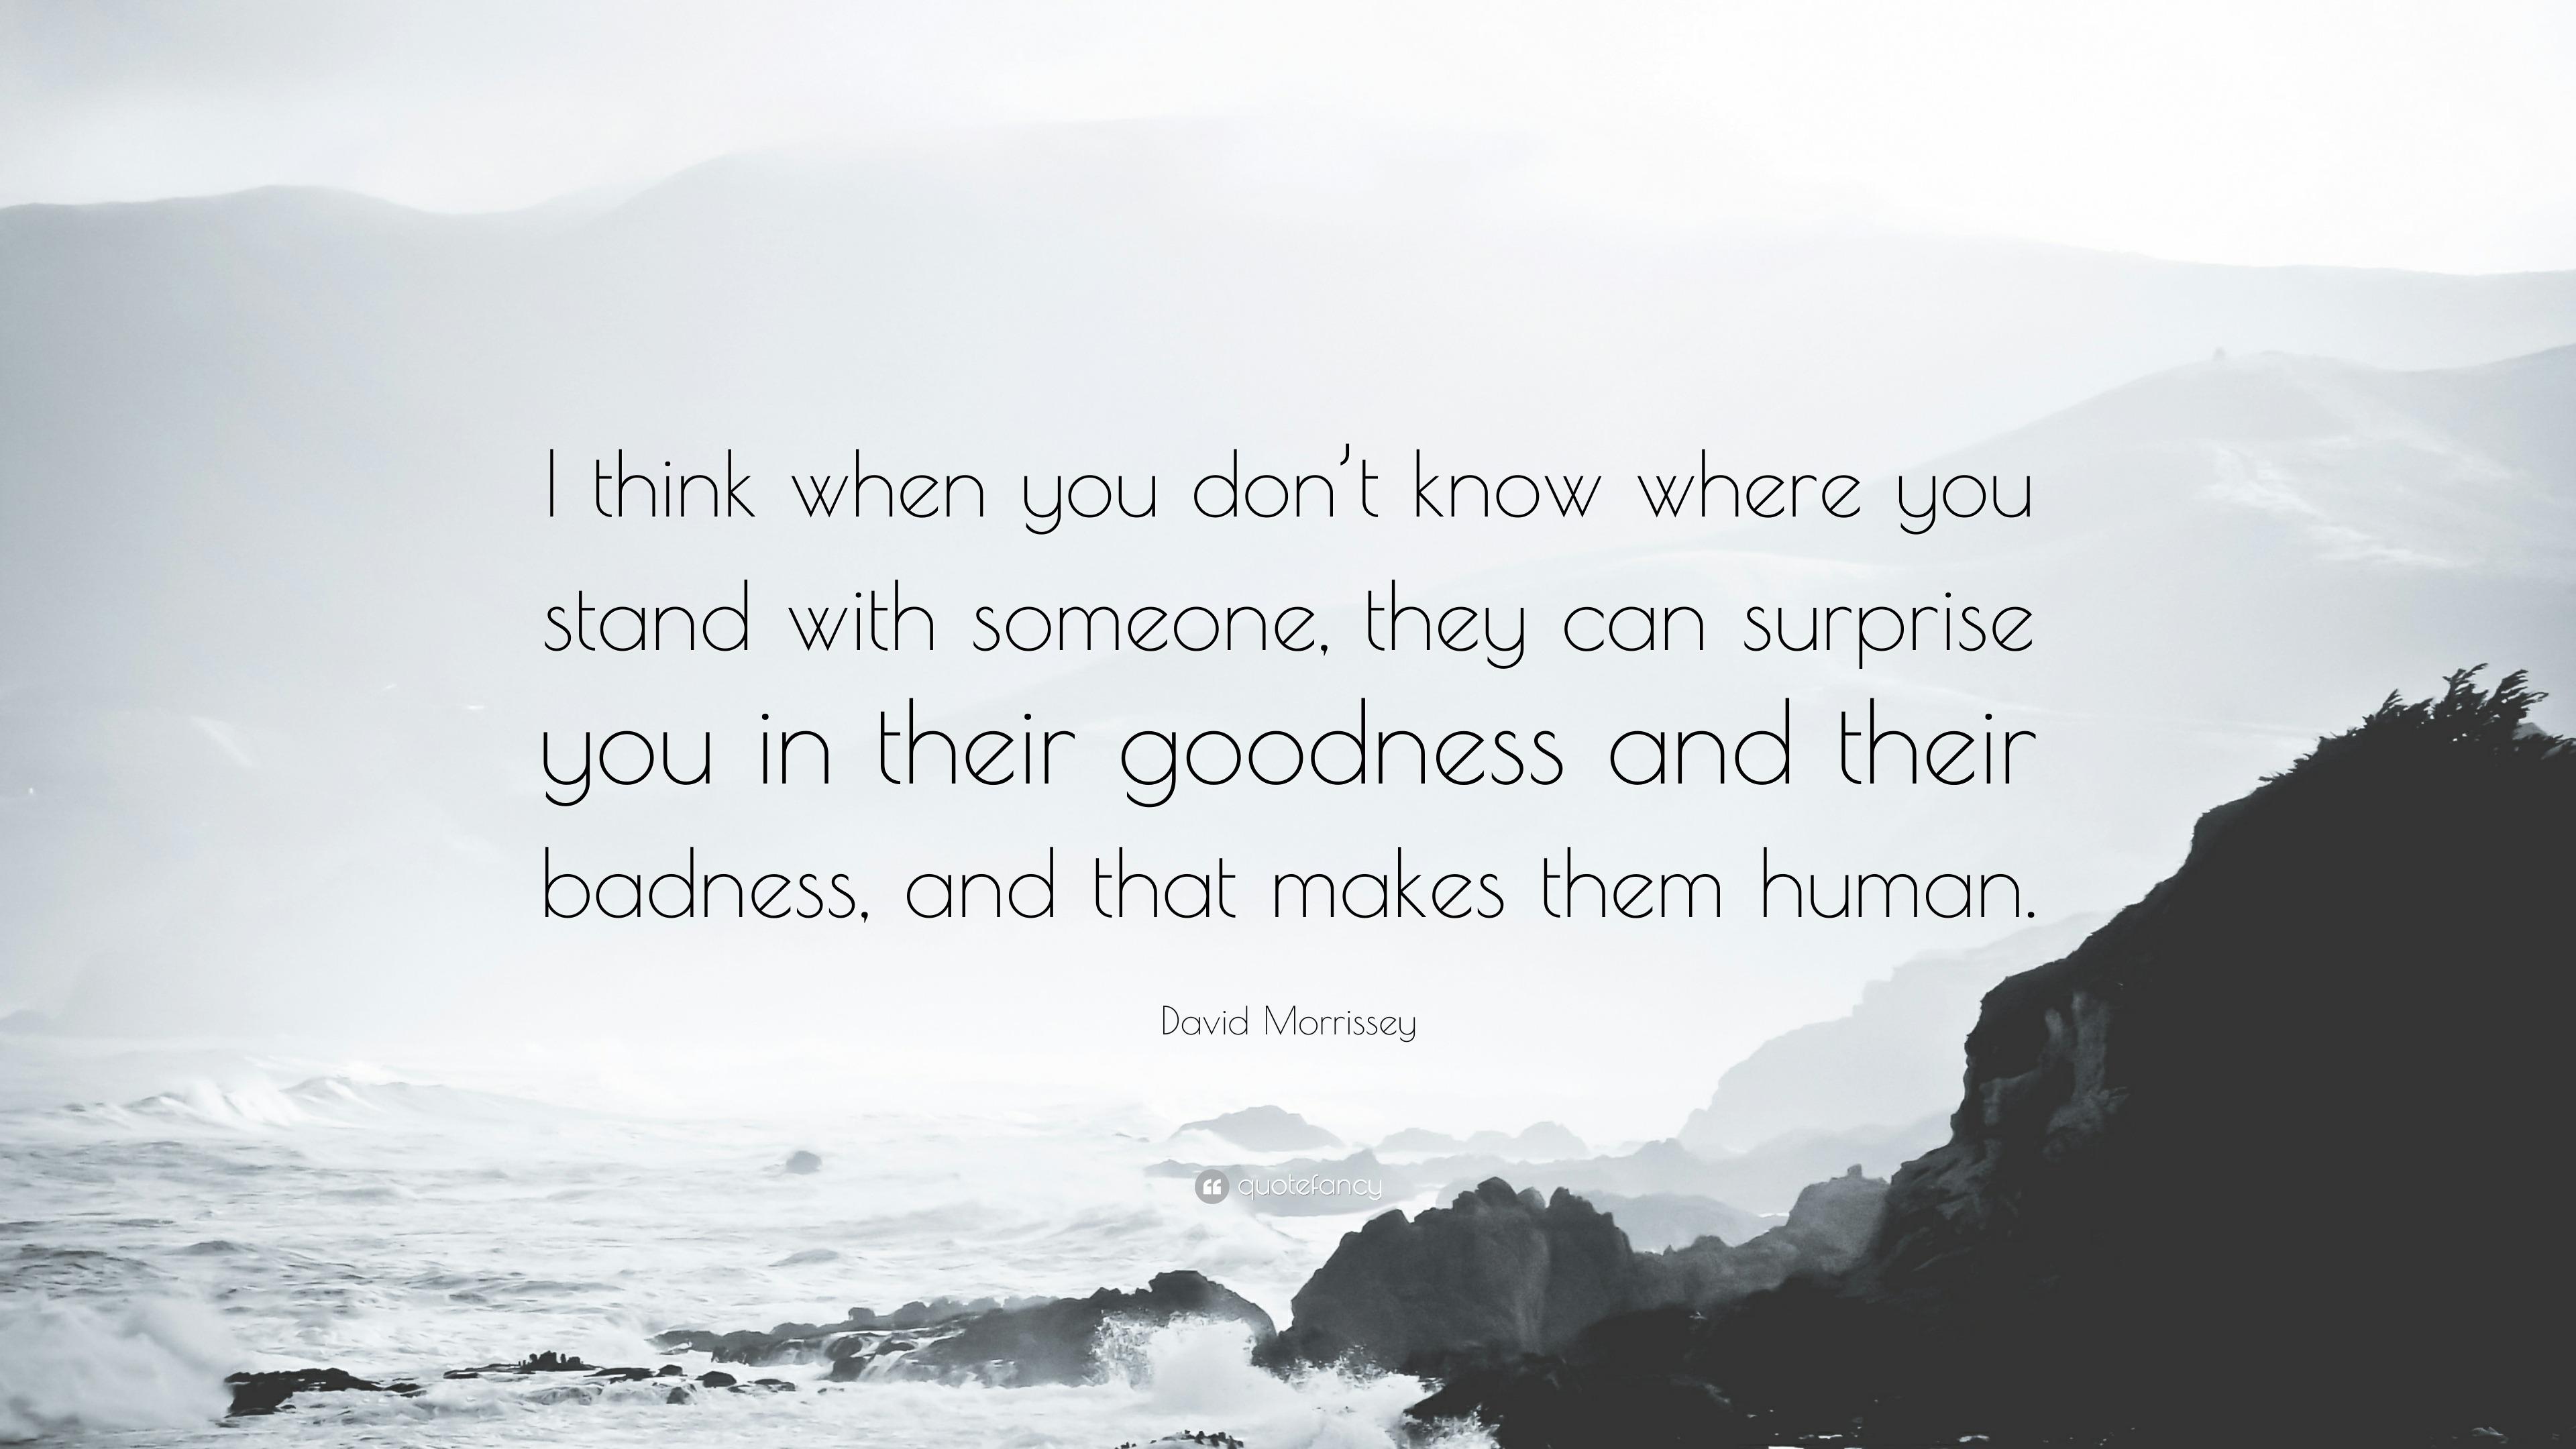 David Morrissey Quotes 27 Wallpapers Quotefancy